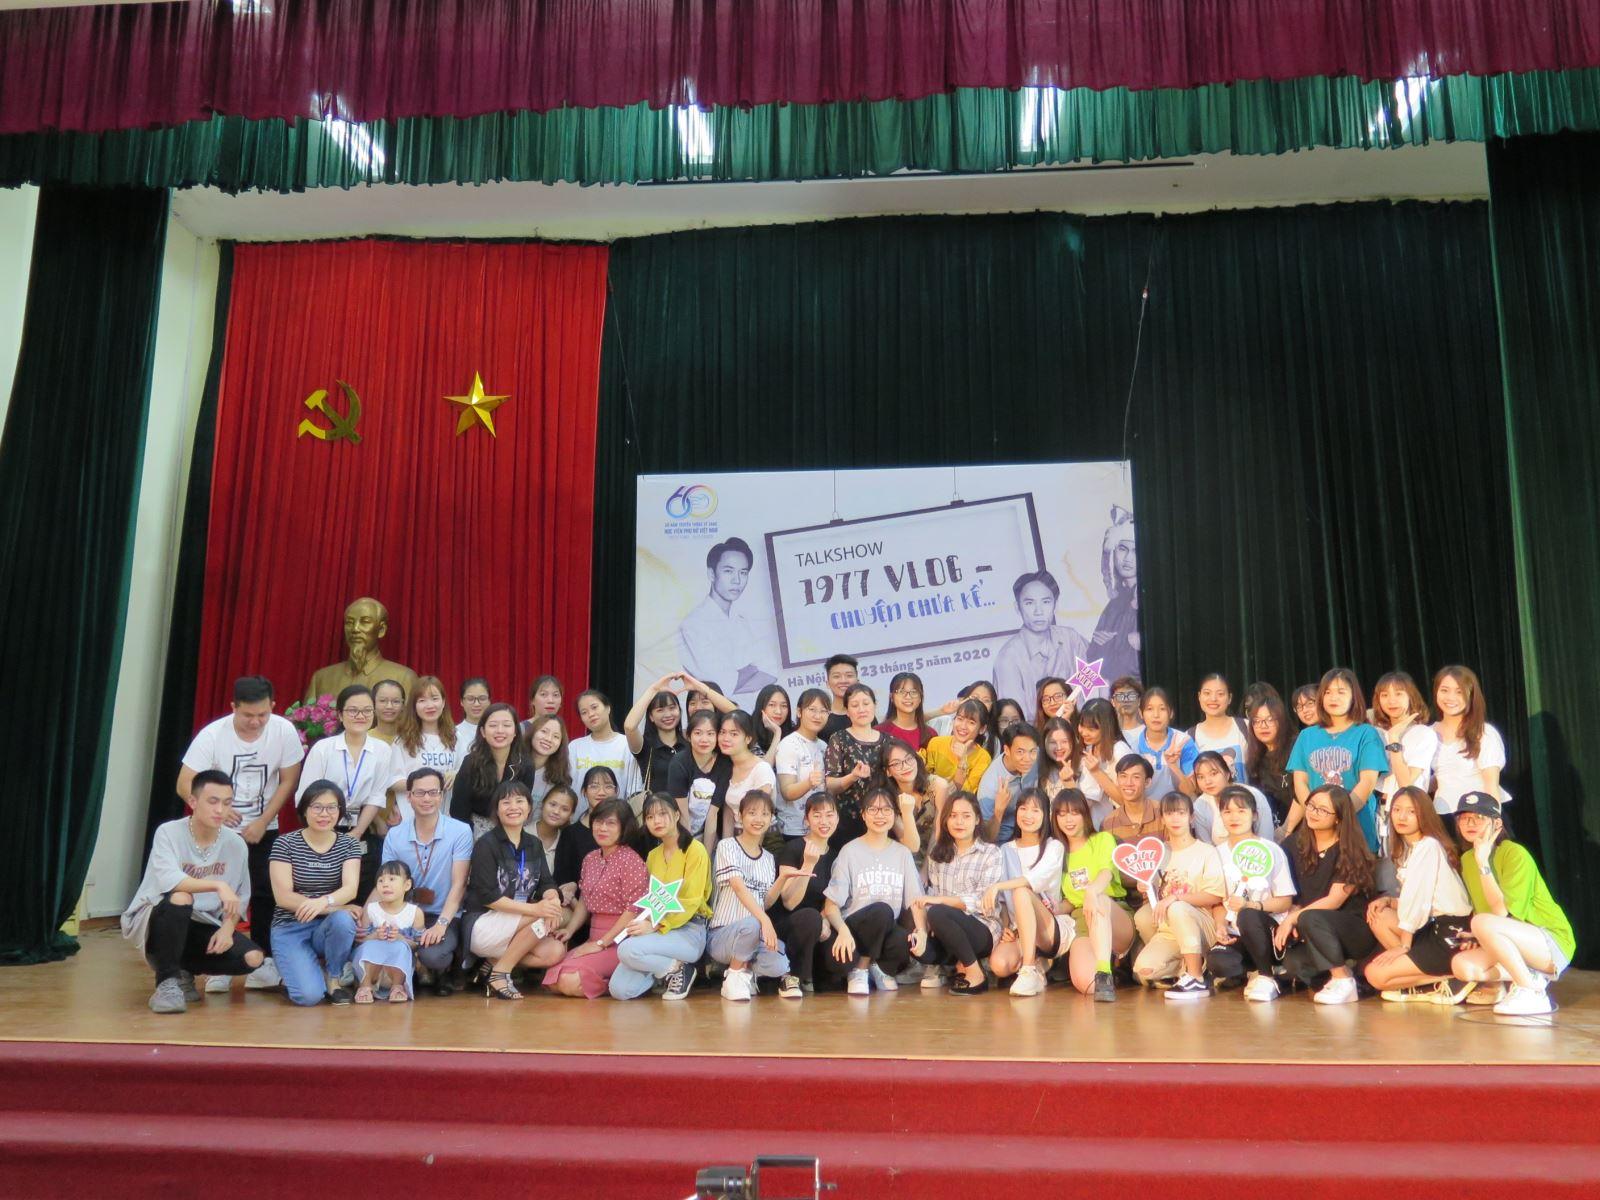 Sinh viên Học viện Phụ nữ Việt Nam giao lưu cùng nhóm 1977 Vlog